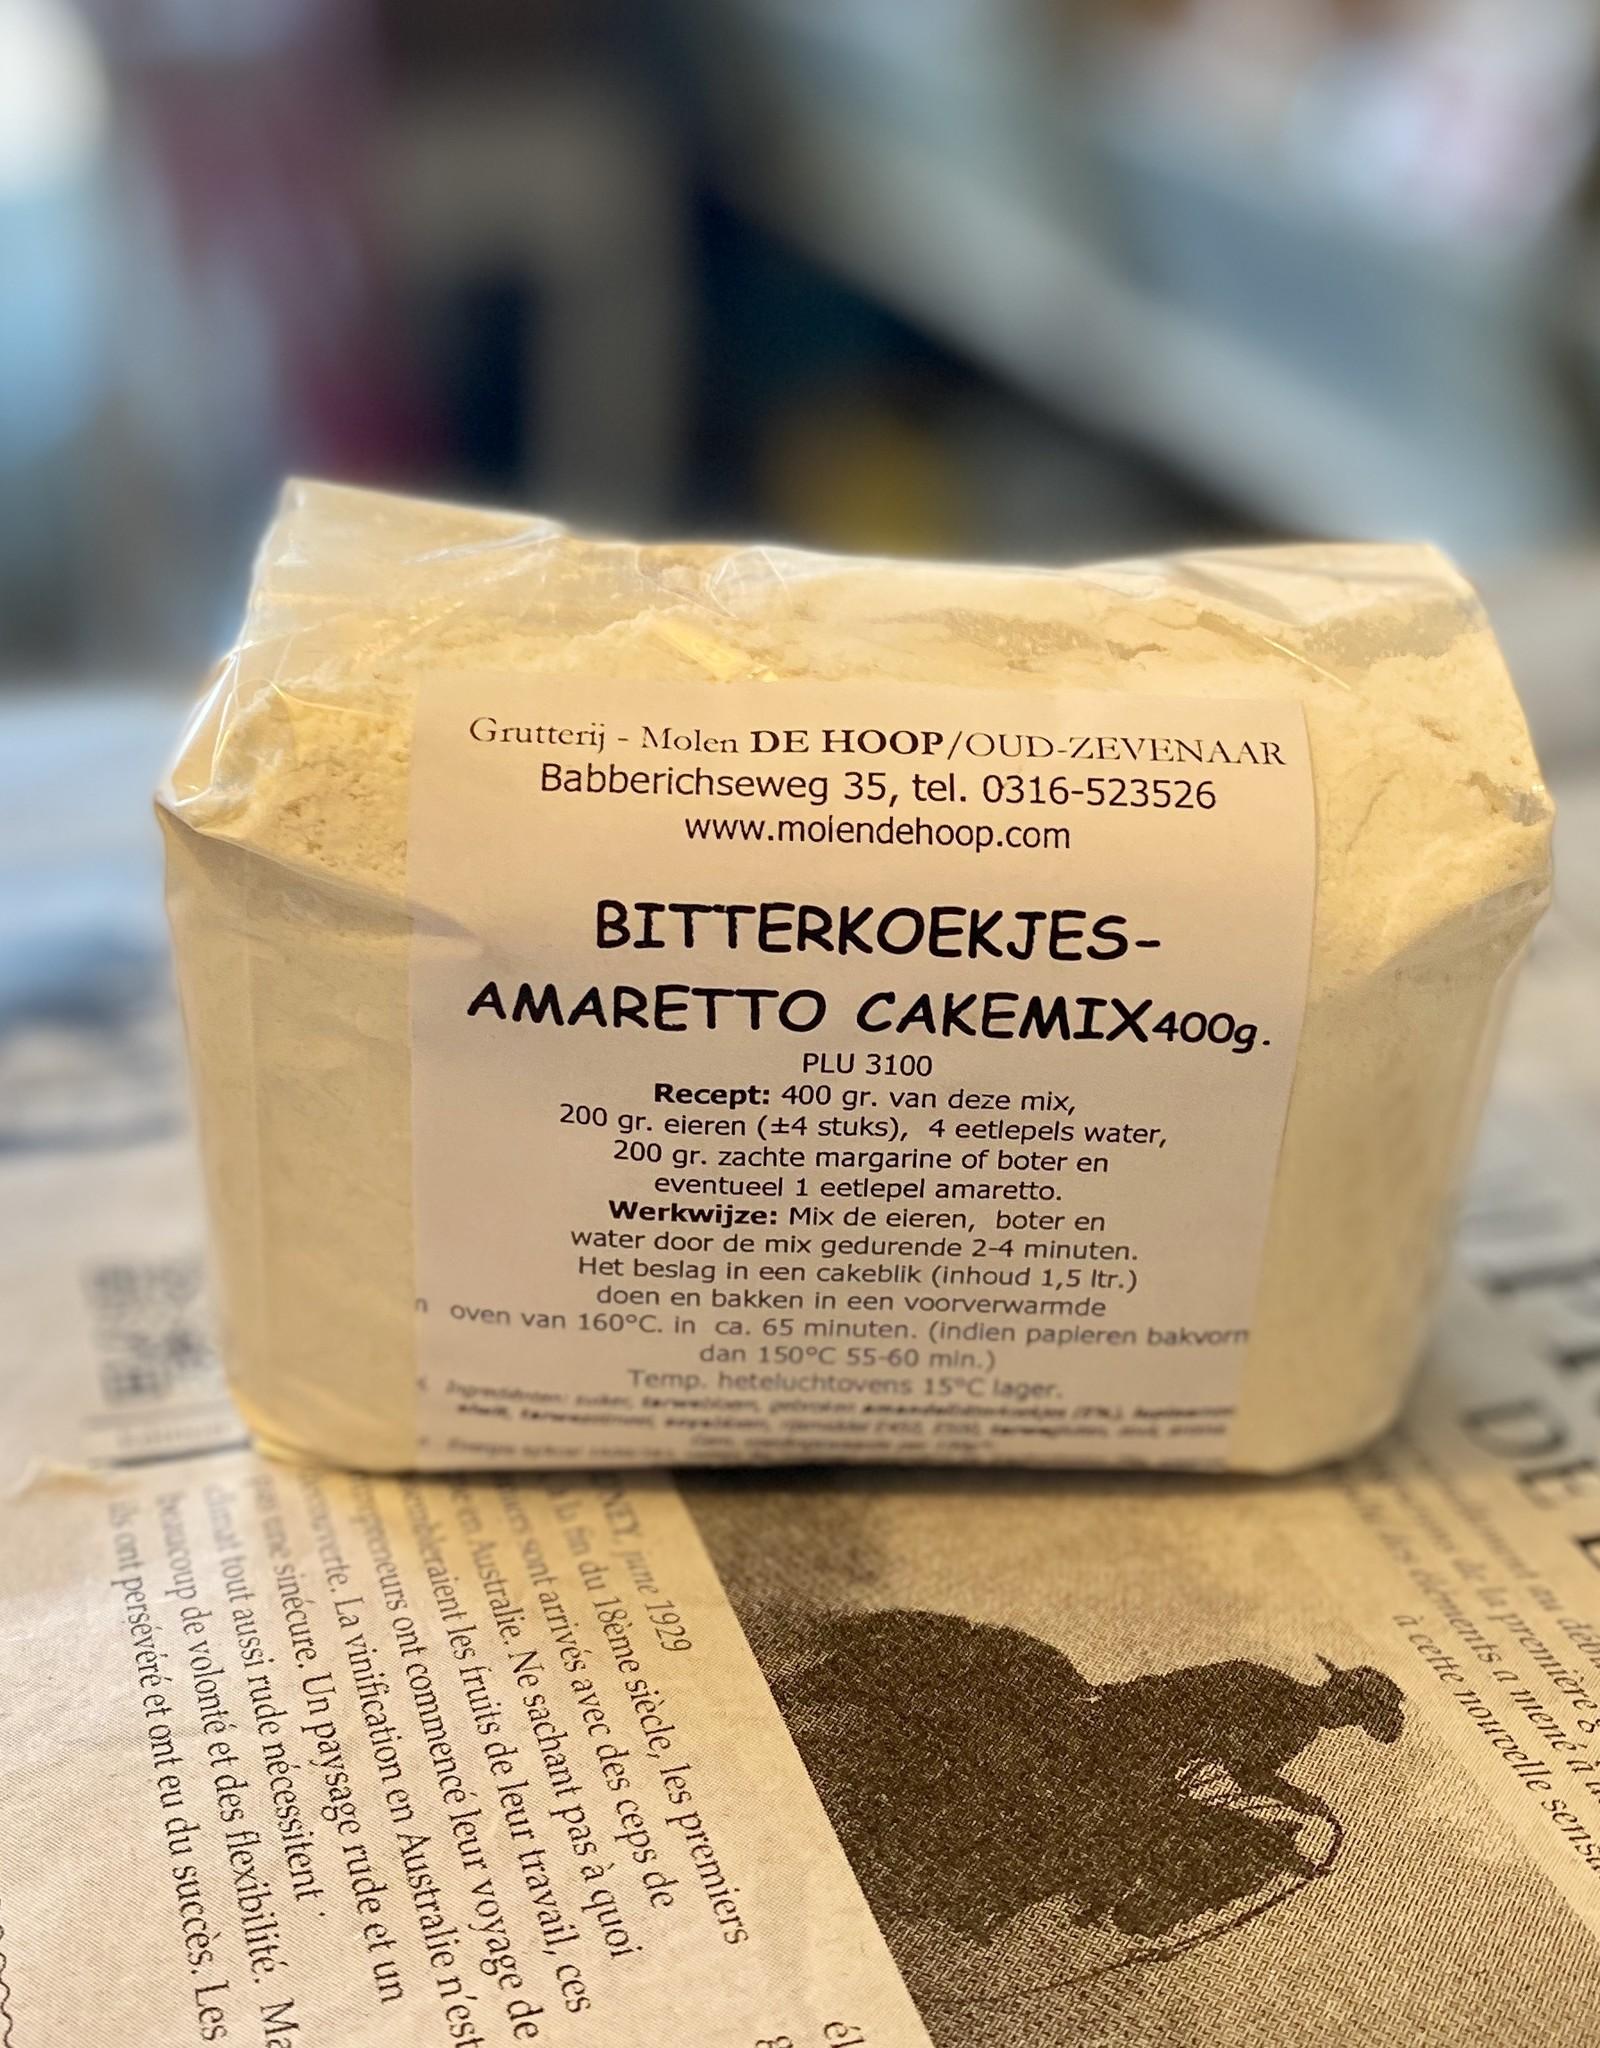 Bitterkoekjes/amaretto-cakemix